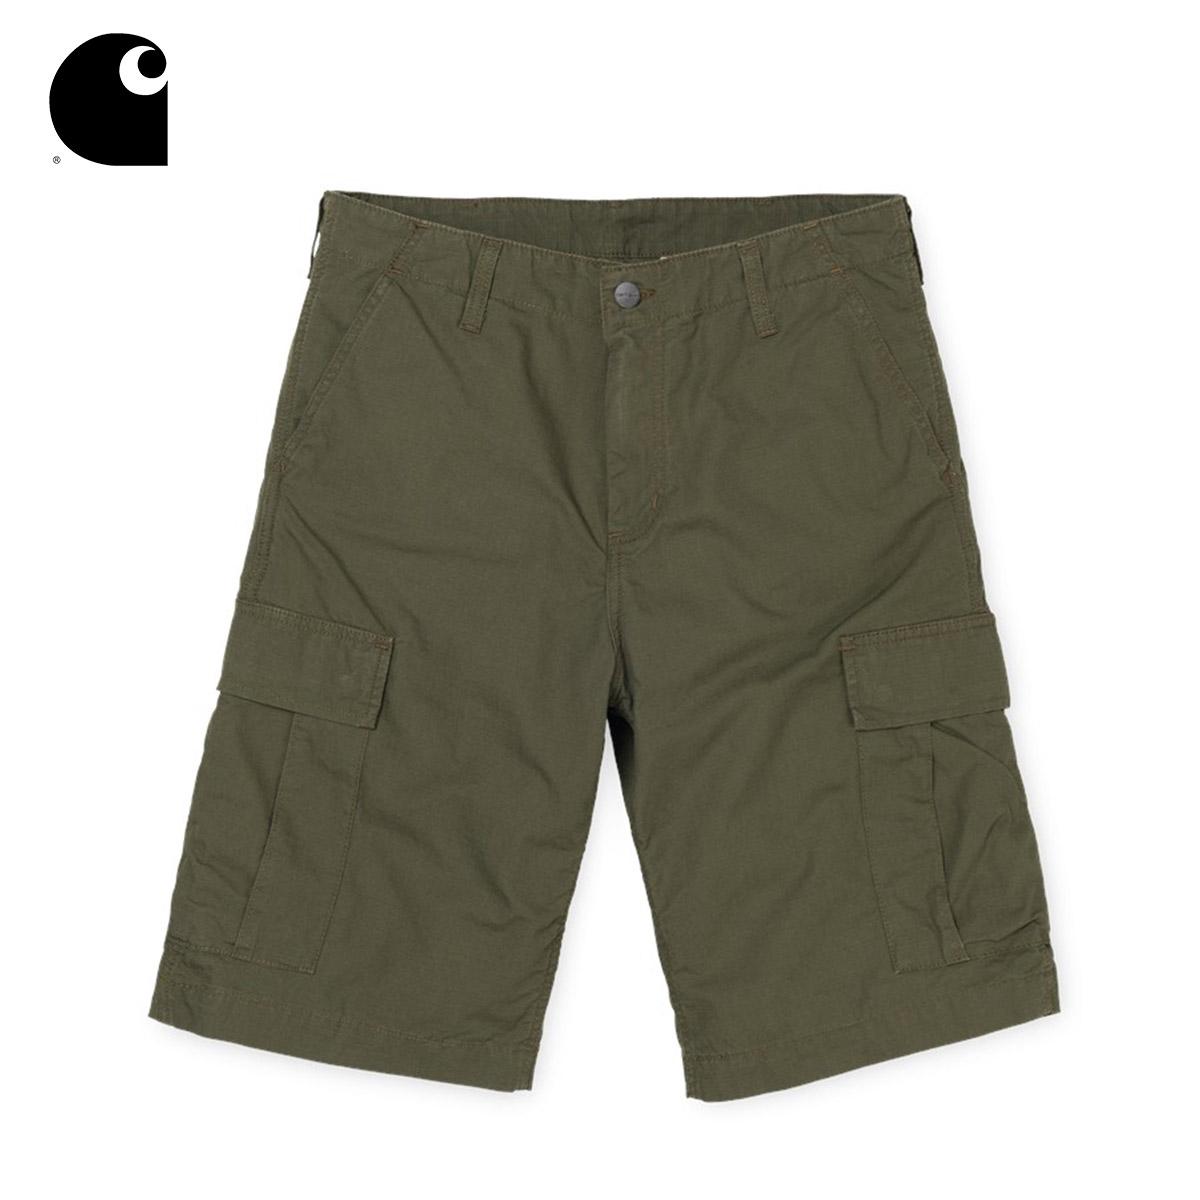 Carhartt WIP工装潮牌男装短裤2018夏季新品休闲沙滩裤I015999